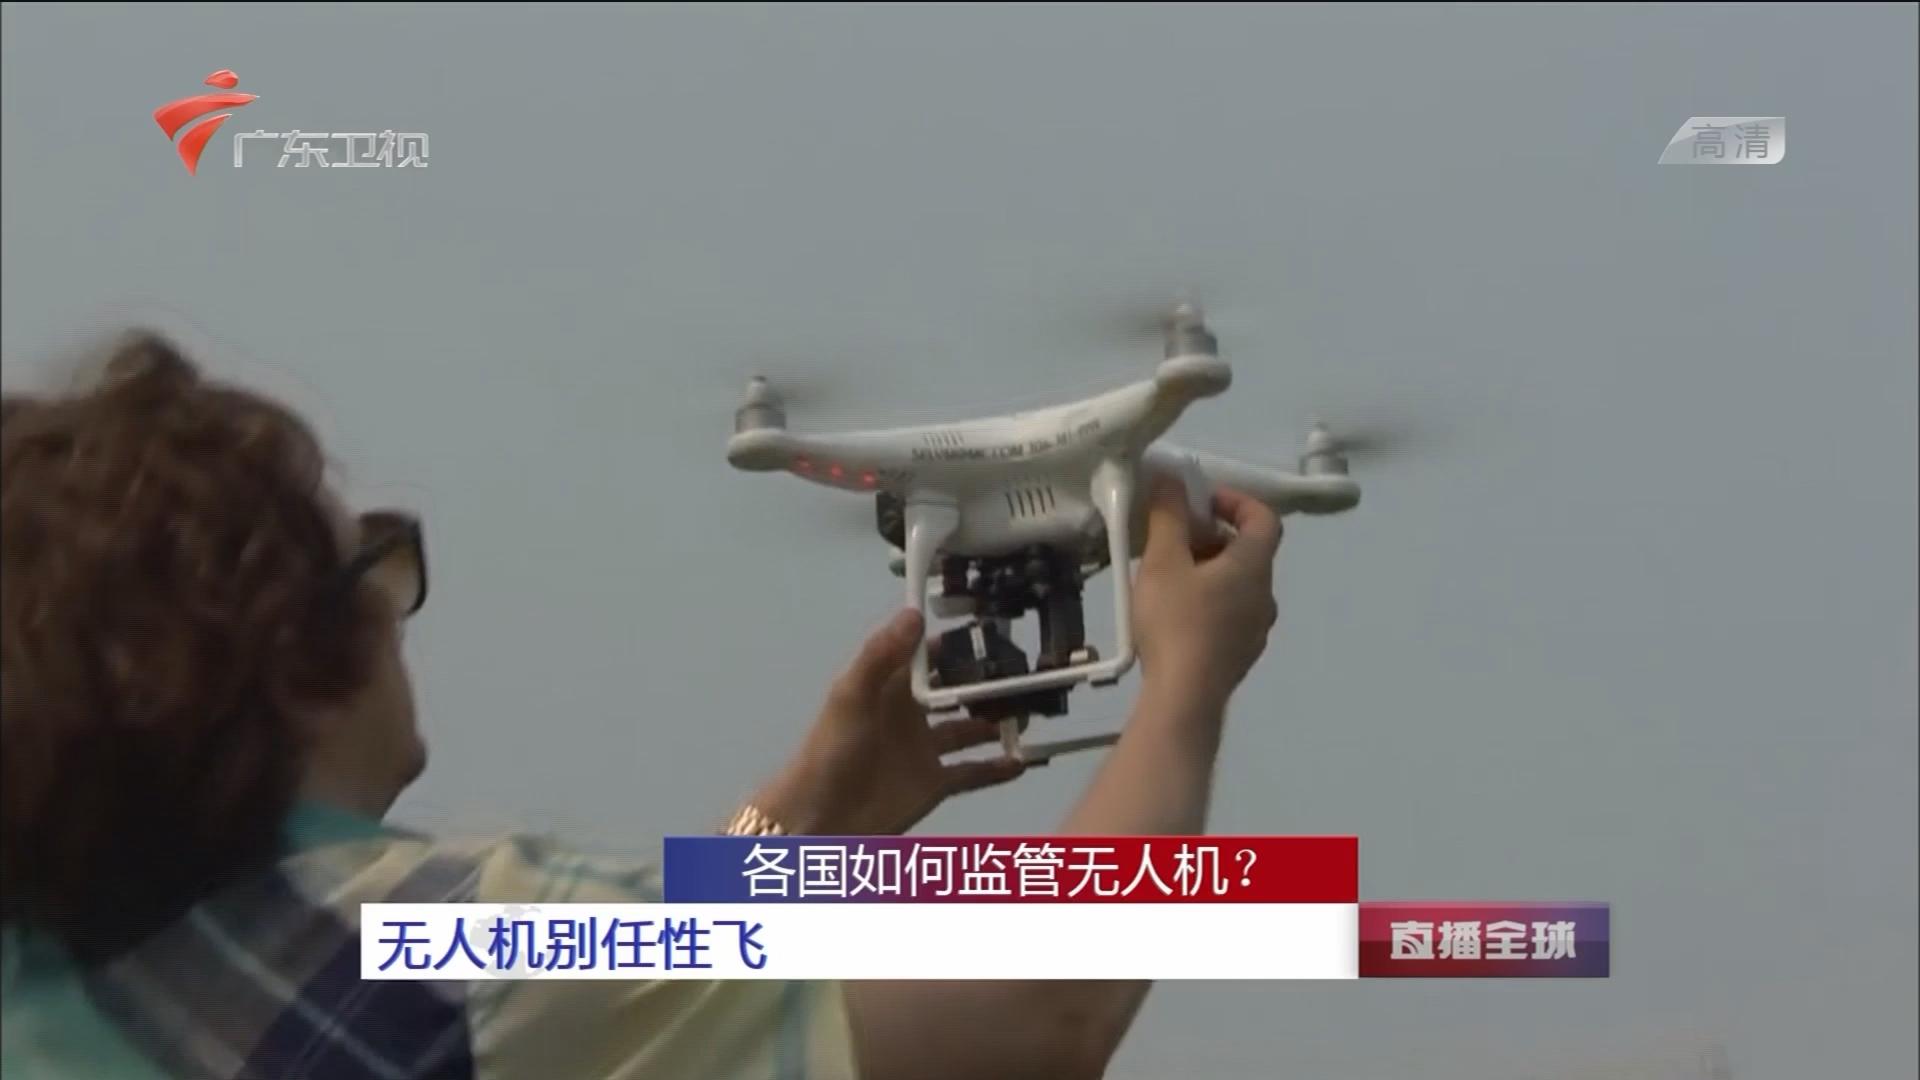 各国如何监管无人机? 无人机别任性飞